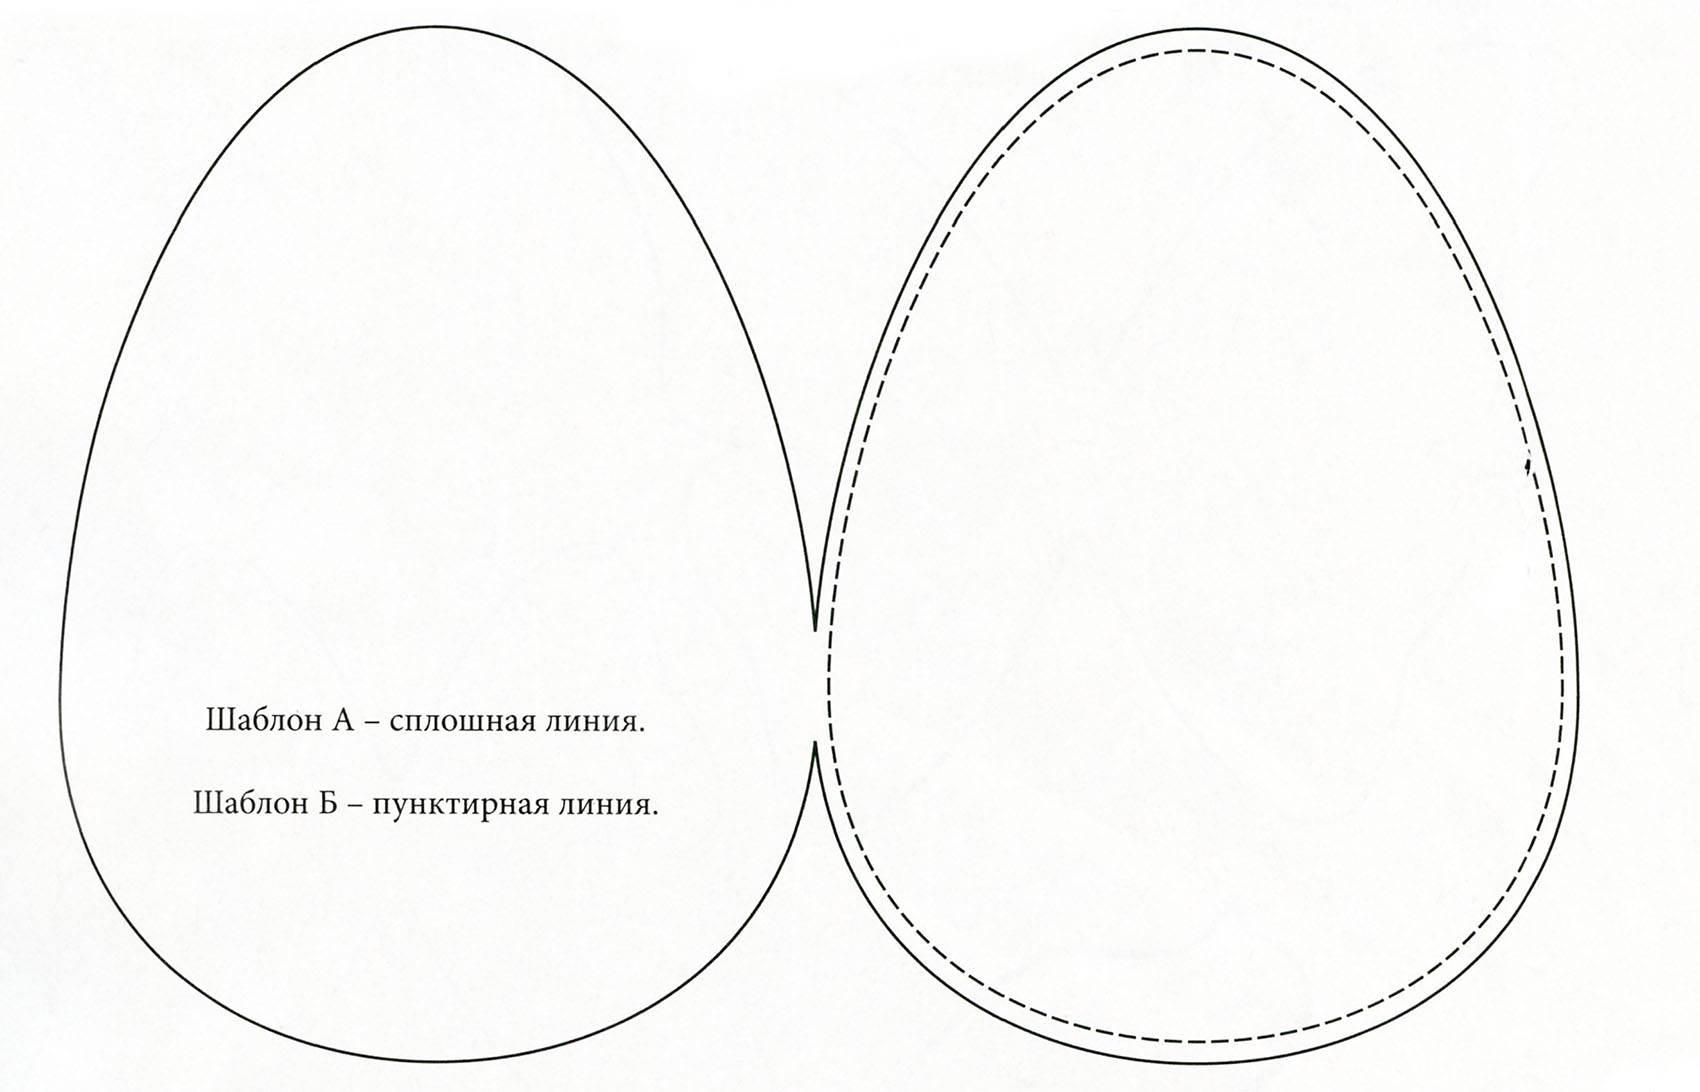 Пасхальная открытка своими руками шаблоны